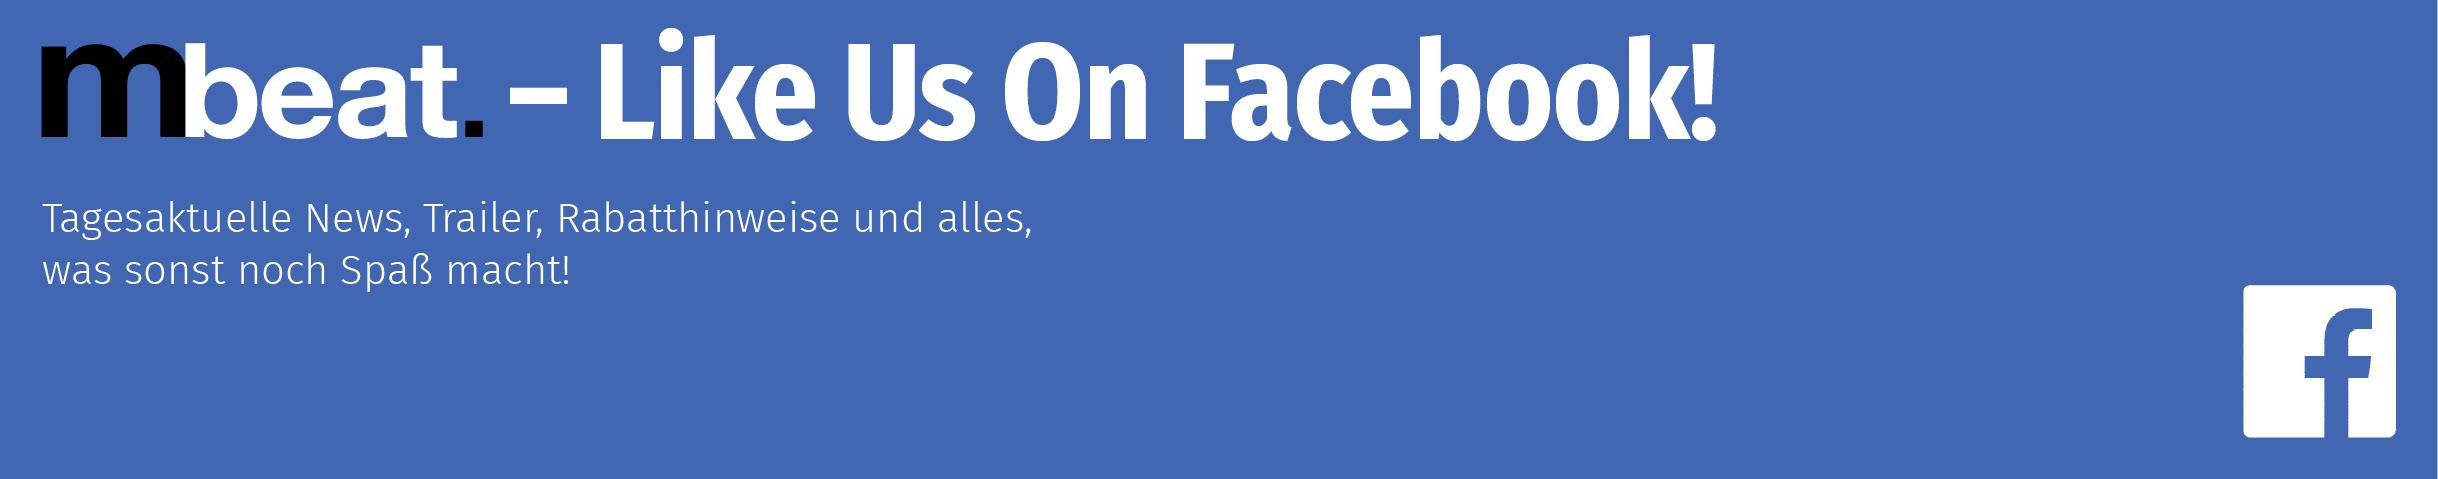 mbeat Facebook bei Müller